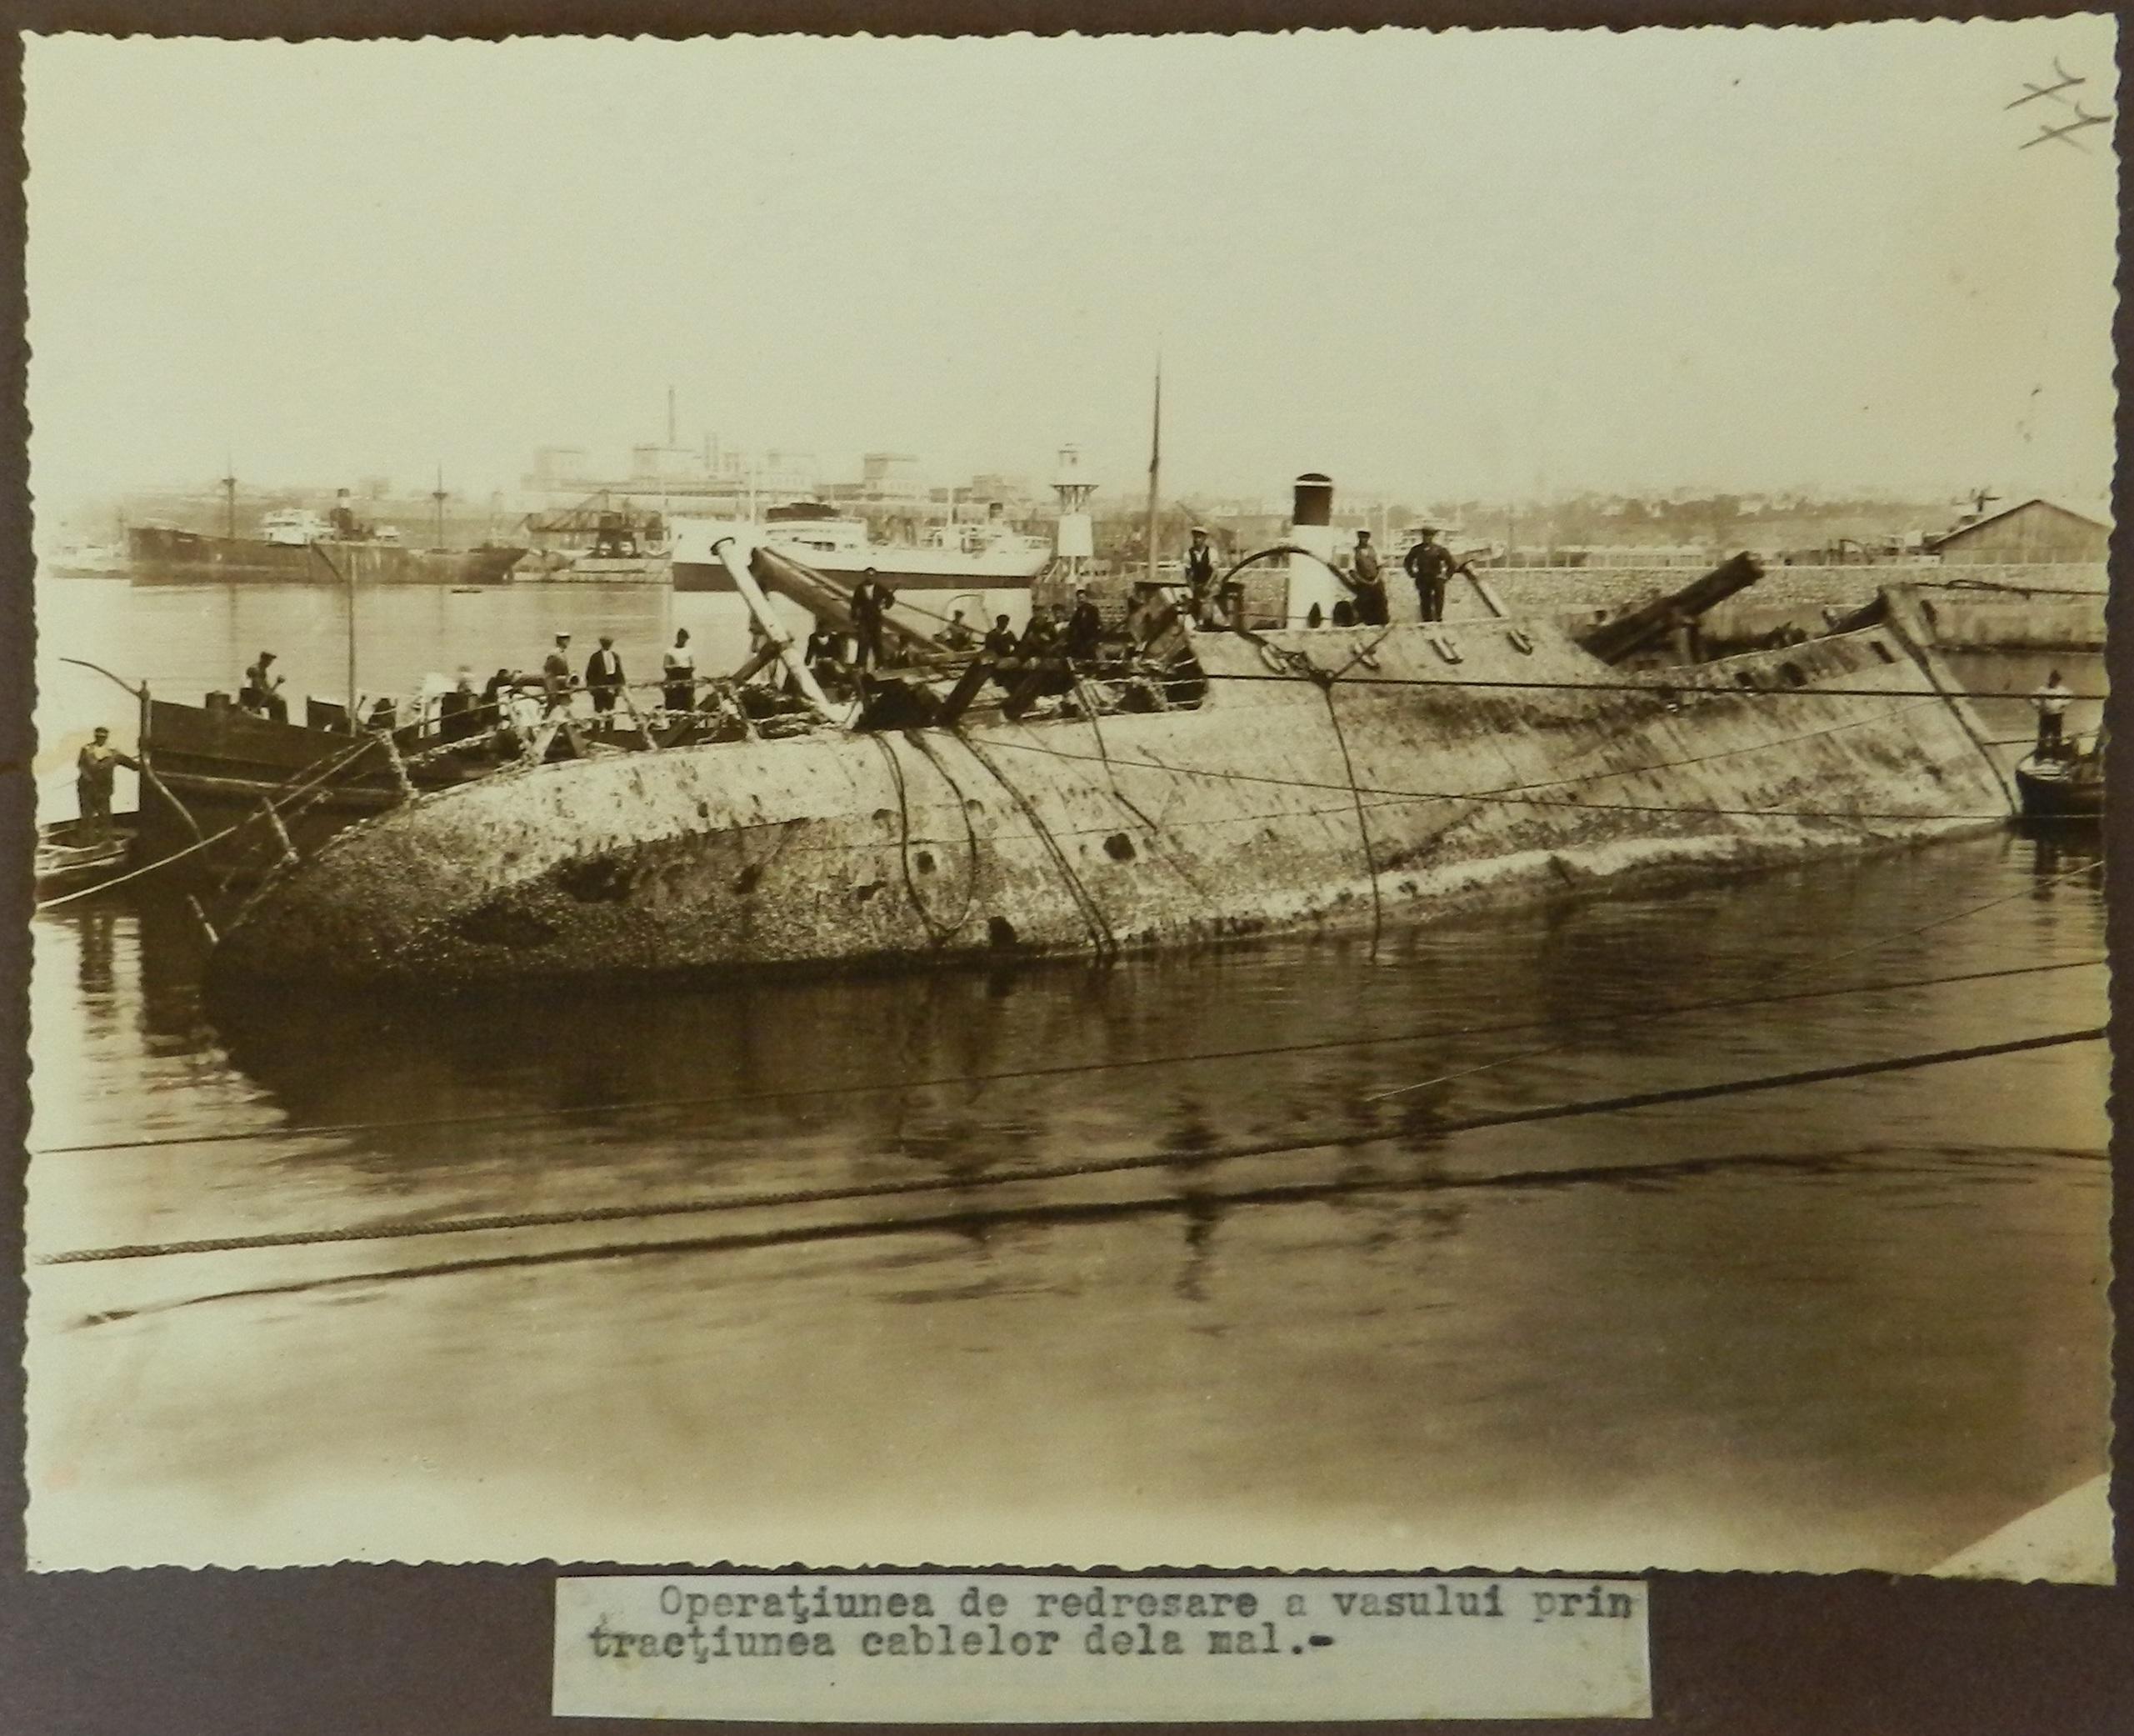 Nava Kima s-a scufundat la data de 24 aprilie 1922, după un puternic incendiu la bord. A fost ranfluată în anul 1930.